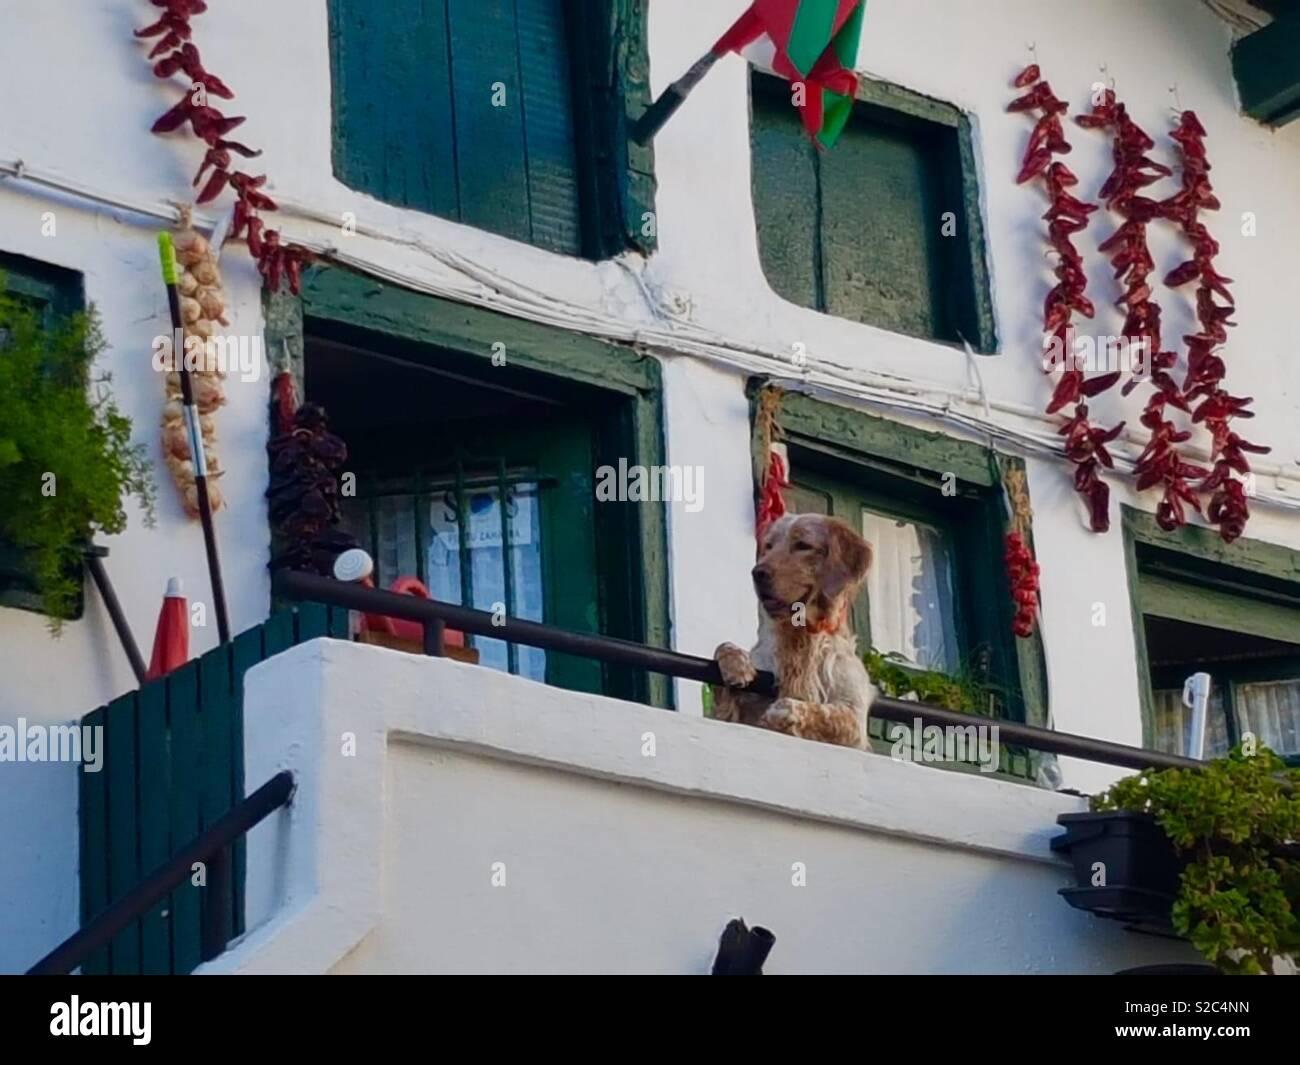 Inclinando-se sobre cão varanda Imagens de Stock